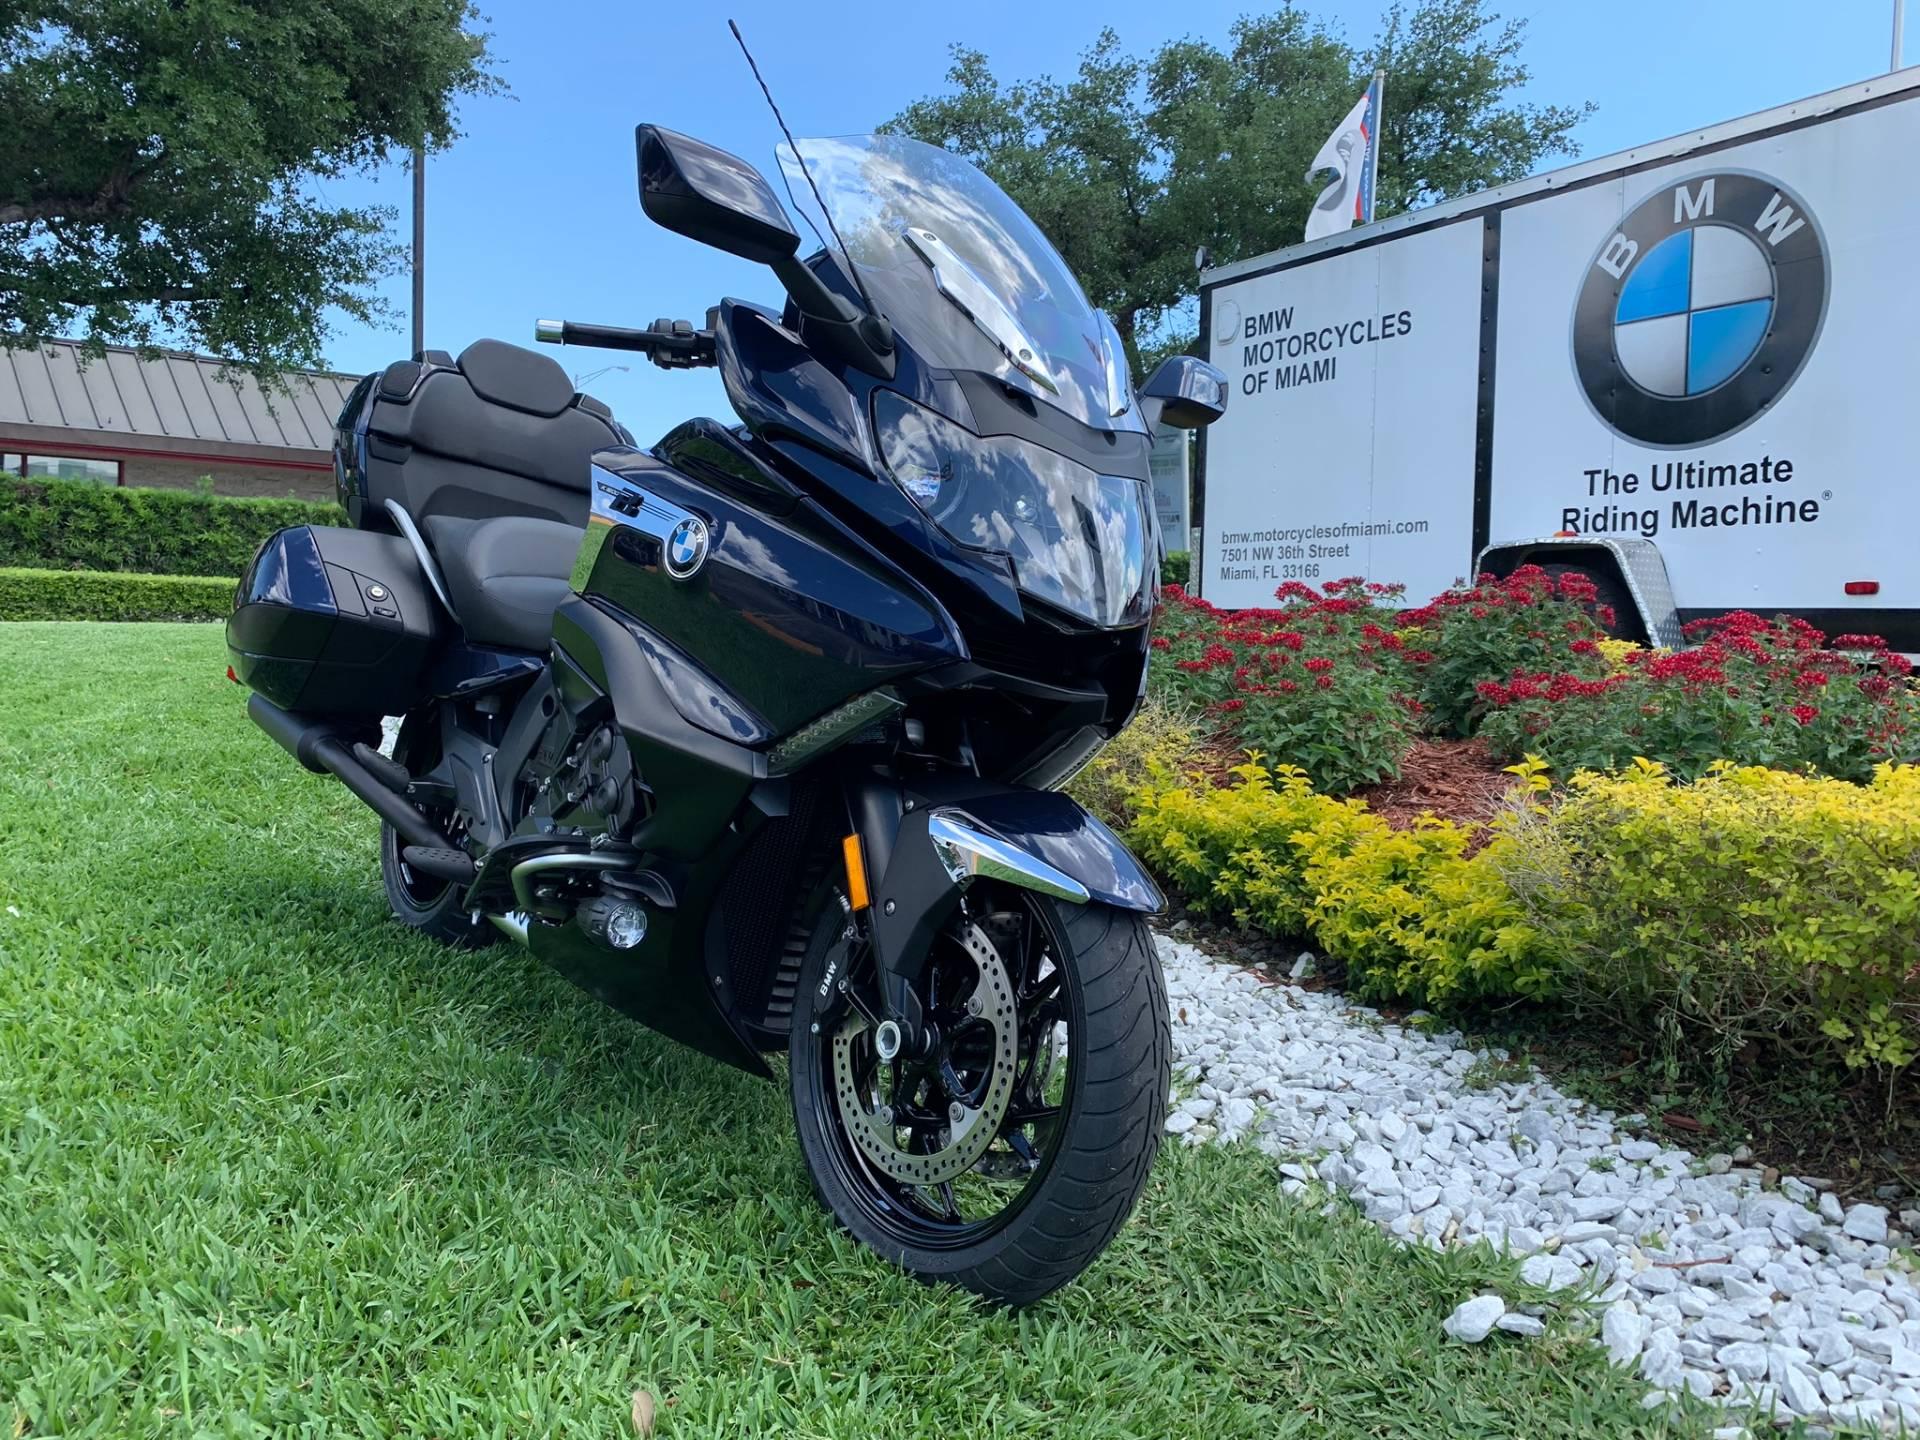 2019 Bmw K 1600 Grand America In Miami Florida